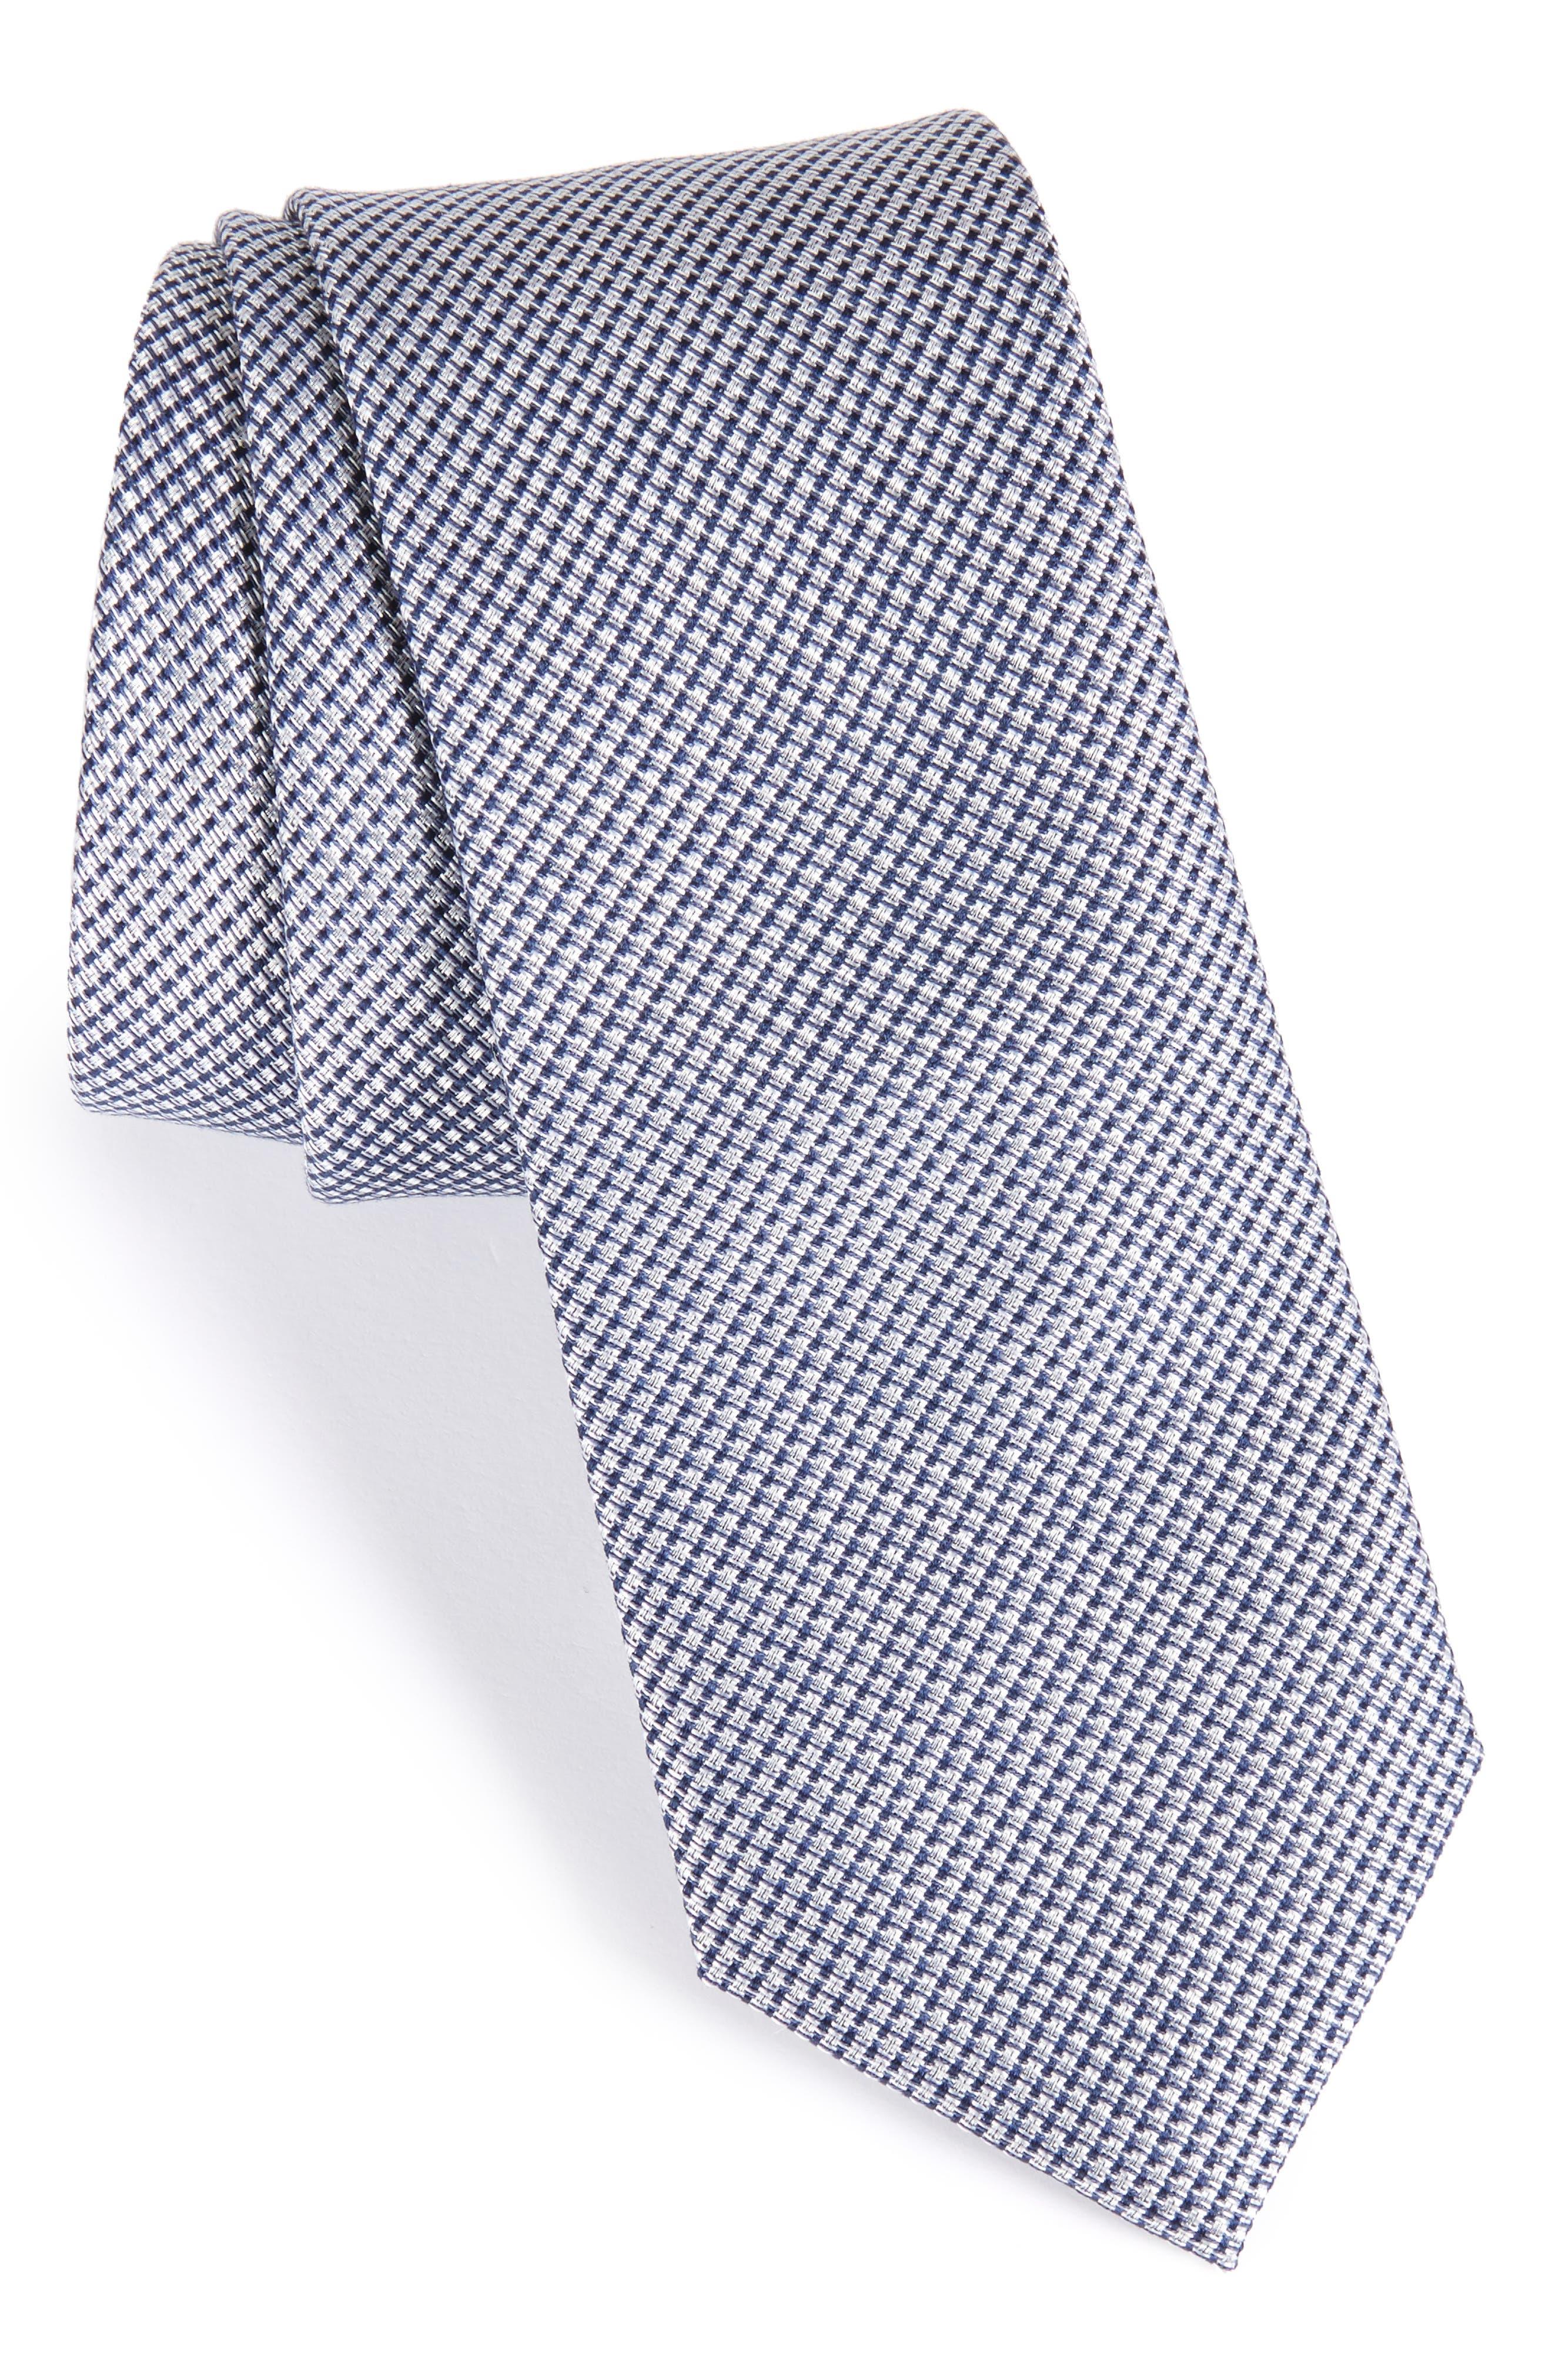 Solid Silk & Cotton Skinny Tie,                         Main,                         color, Navy